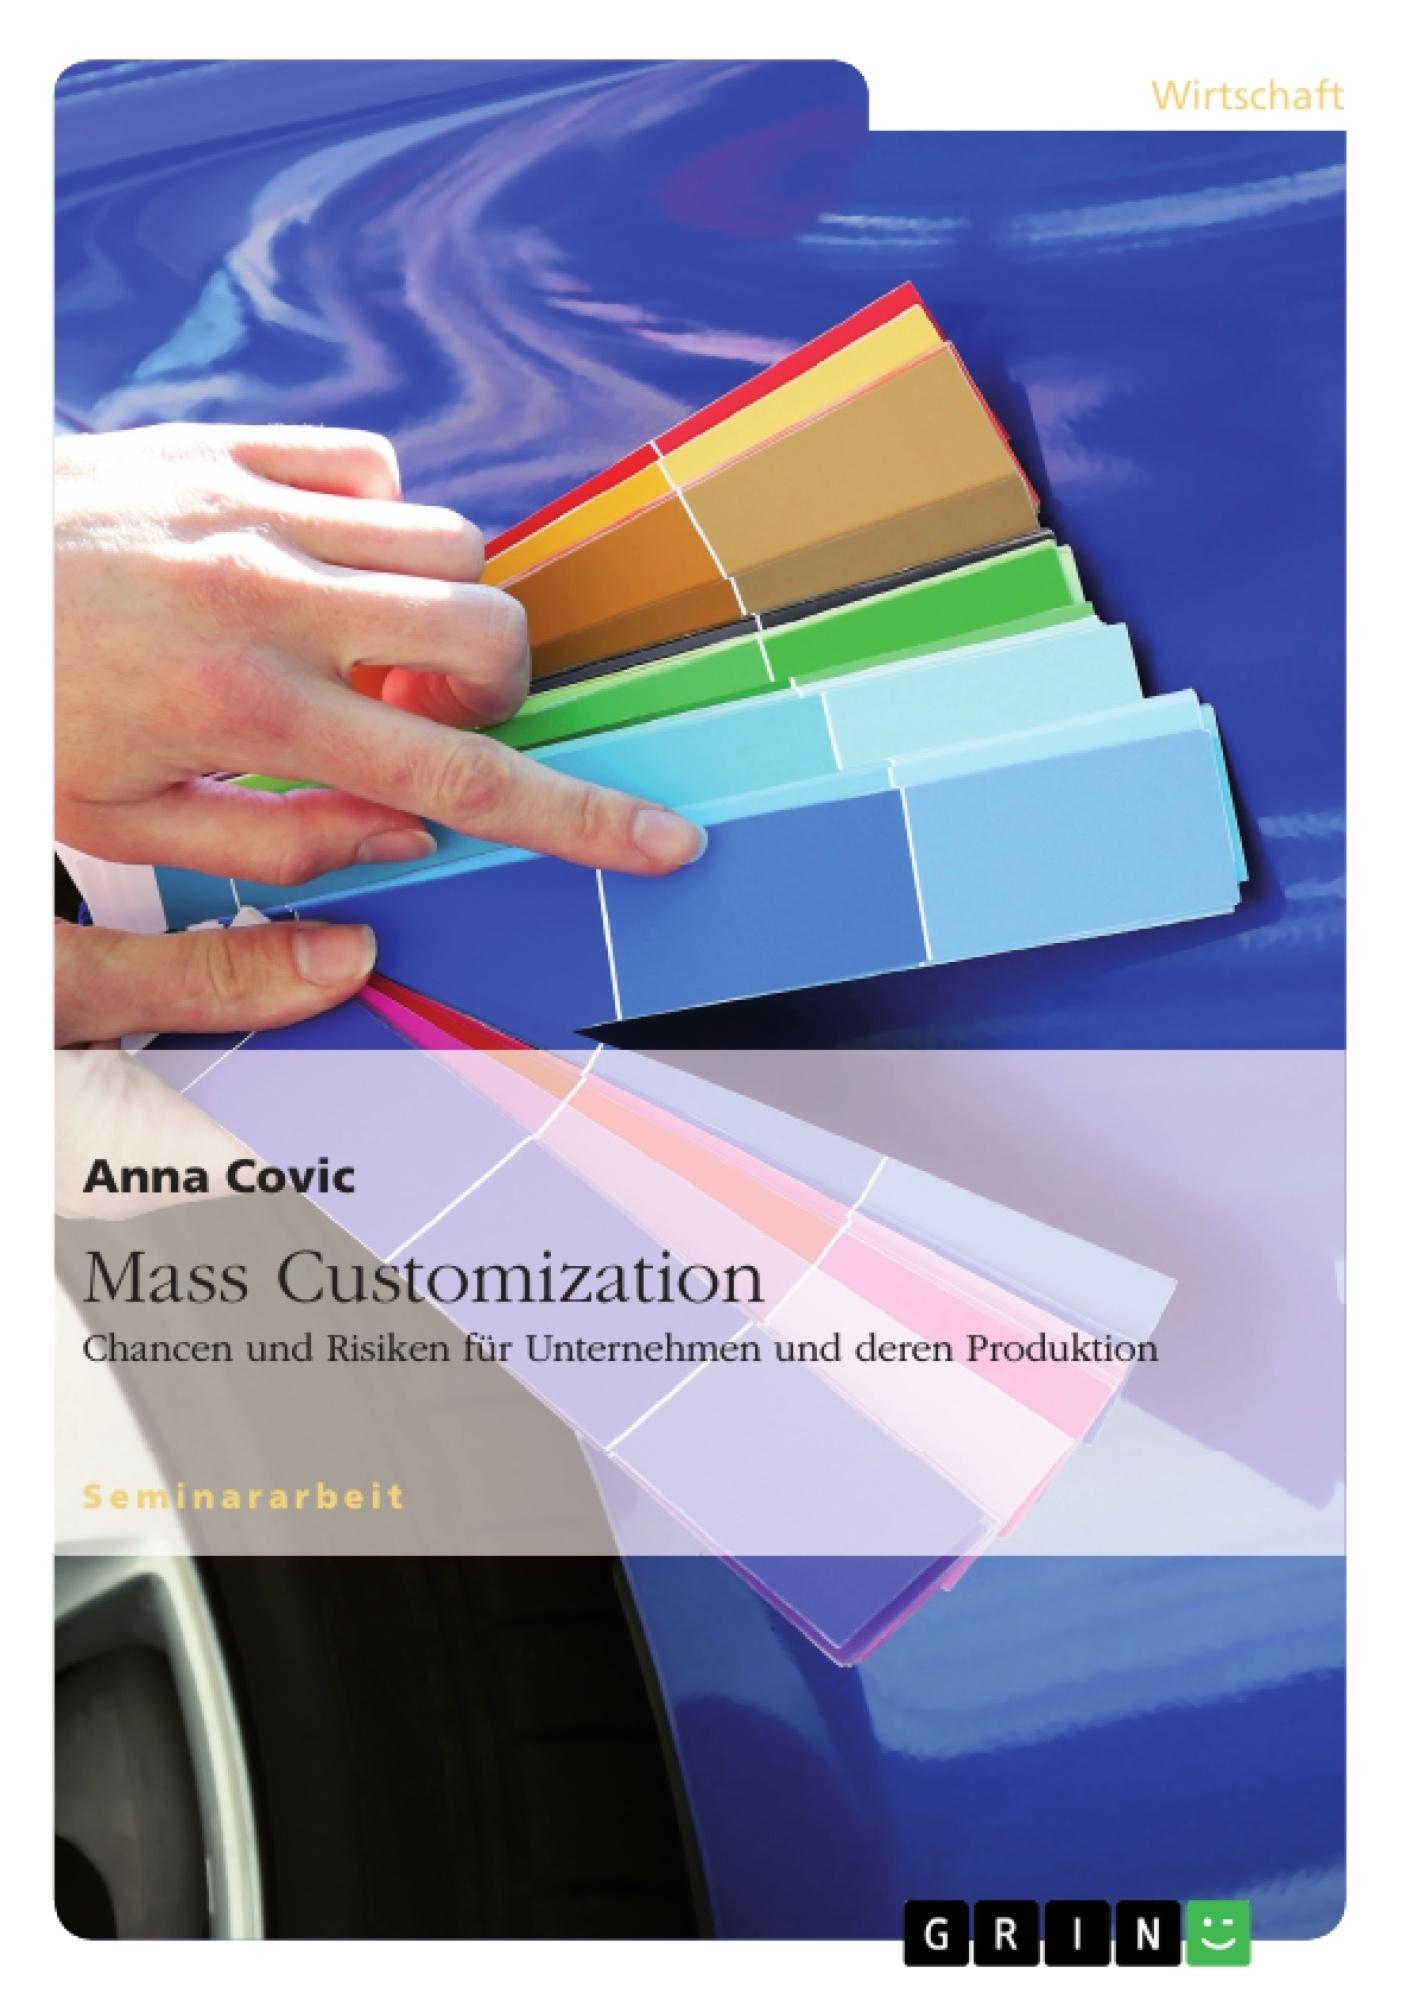 Titel: Mass Customization: Chancen und Risiken für Unternehmen und deren Produktion